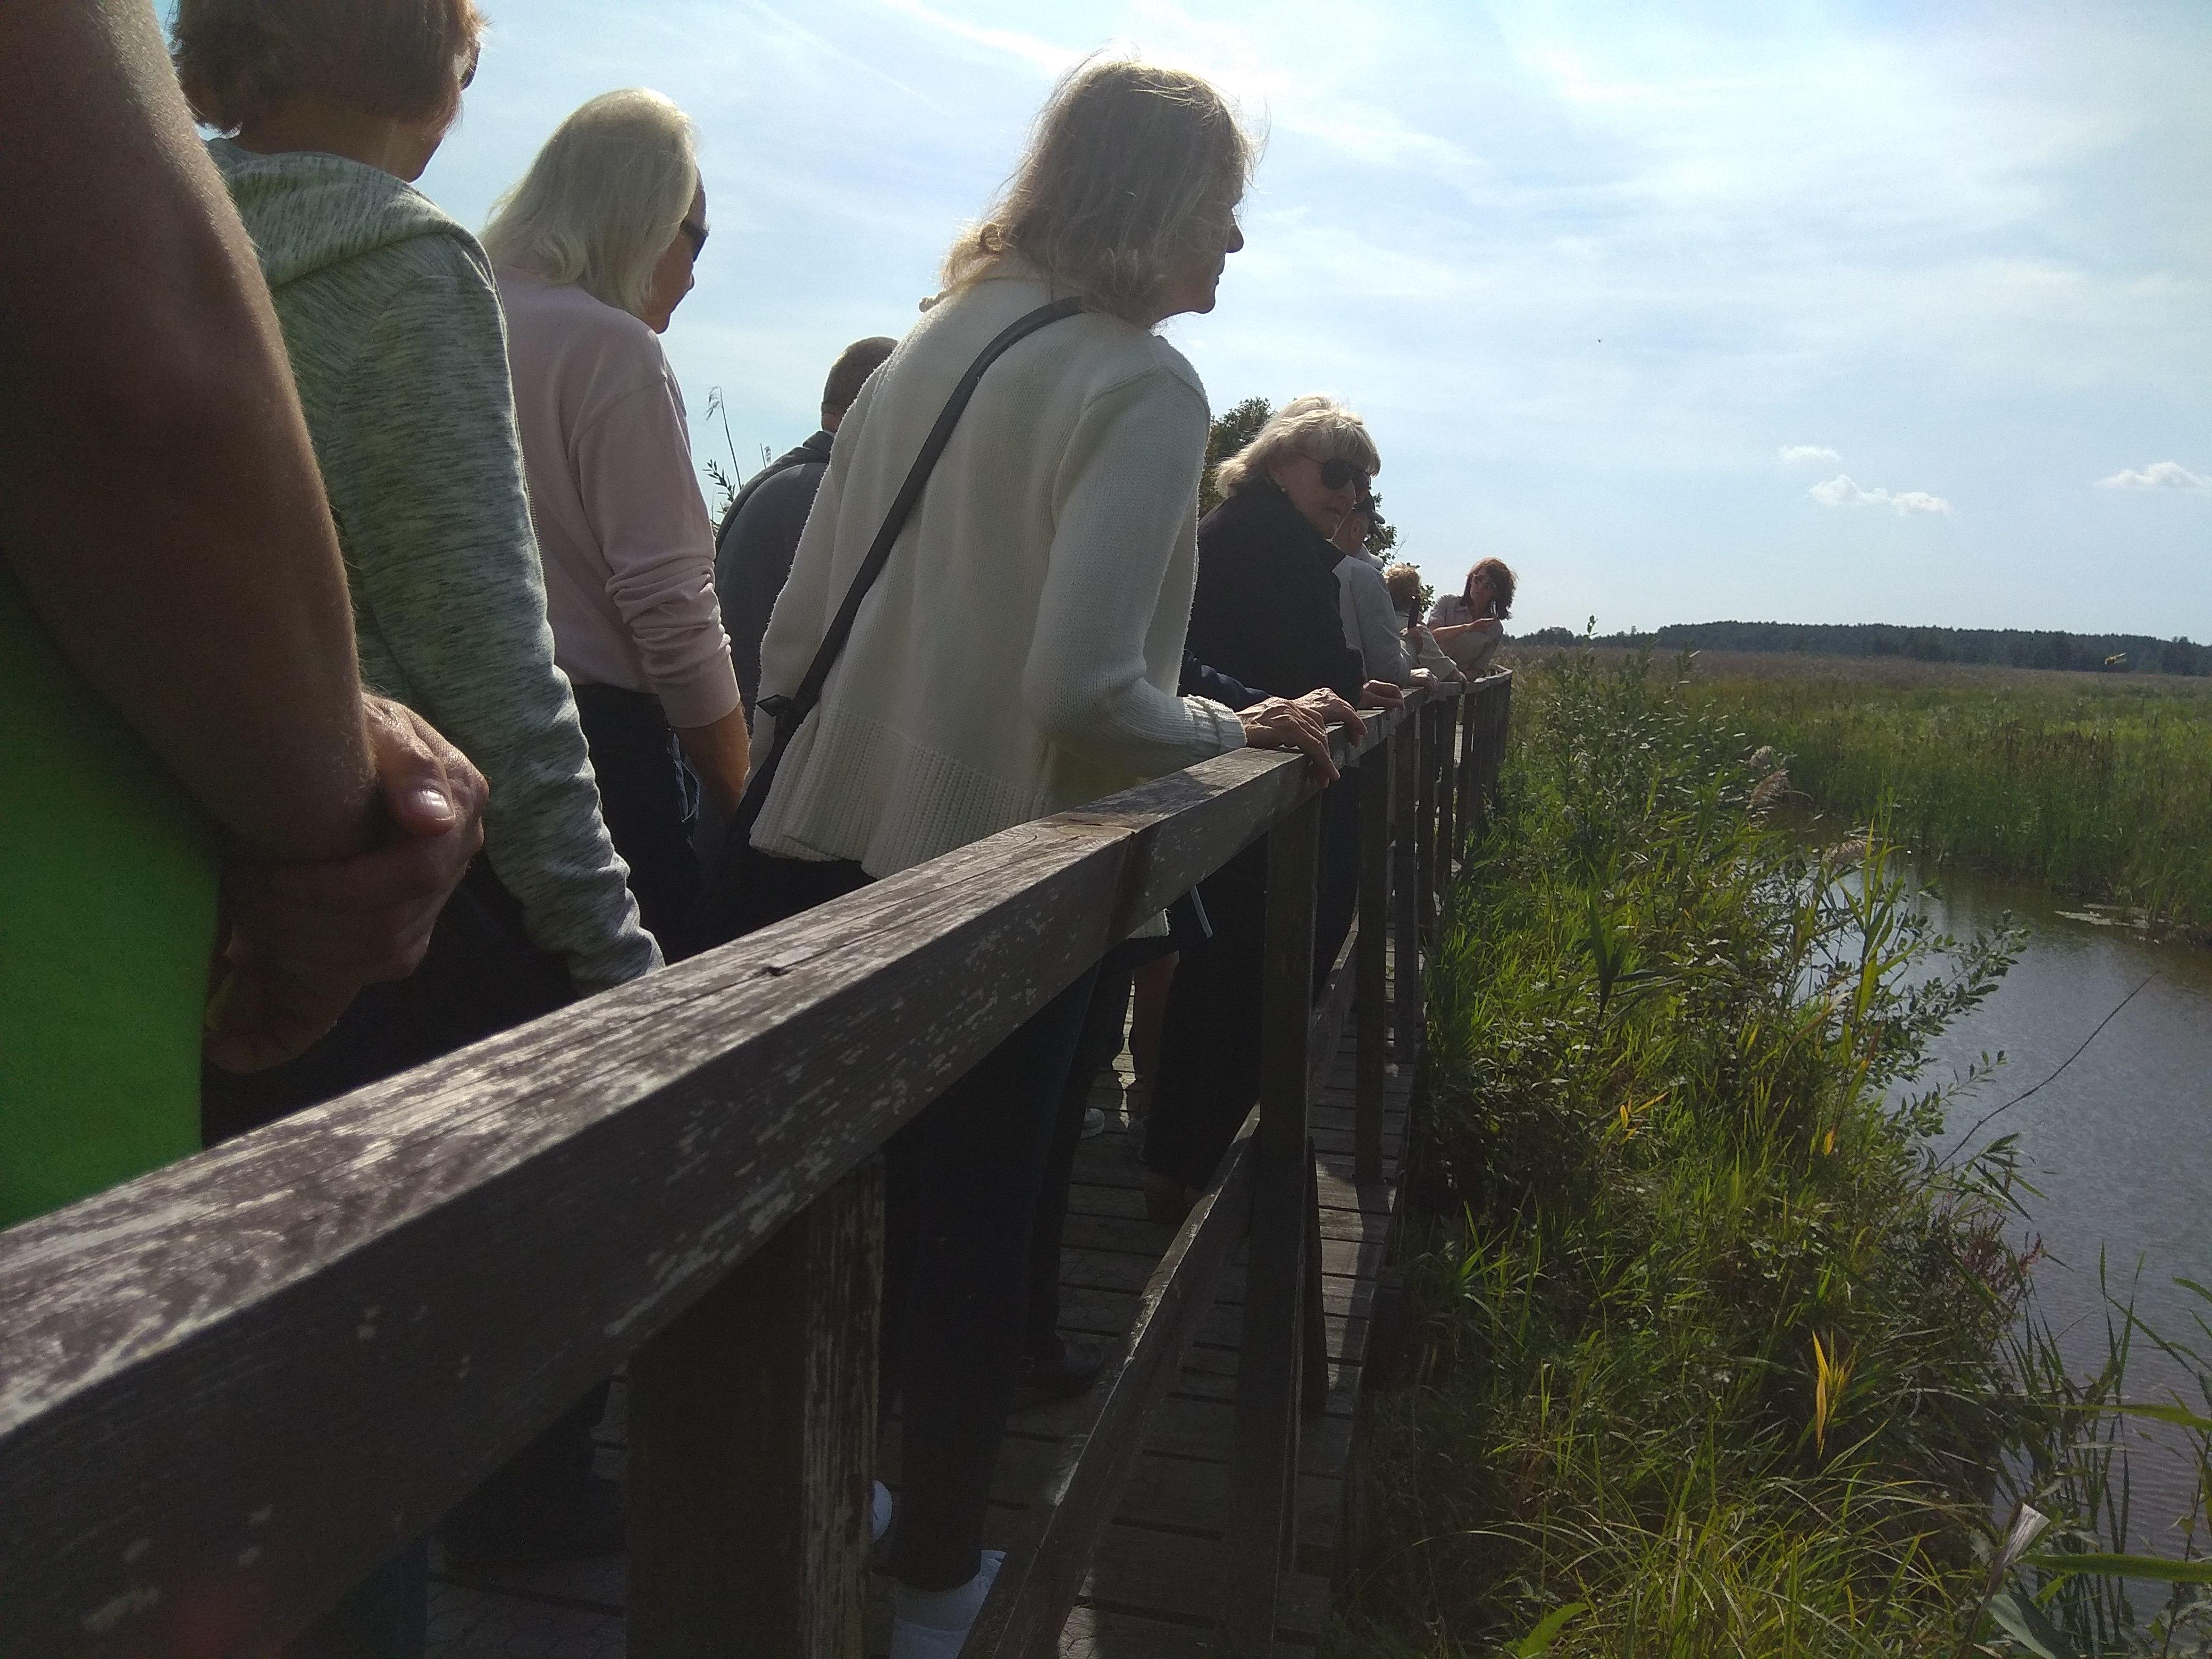 Drewniana kładka, po której idą nasi zjazdowicze. Z prawej strony płynie Narew. Jedna z Pań w białej koszuli wychyla się w stronę rzeki.